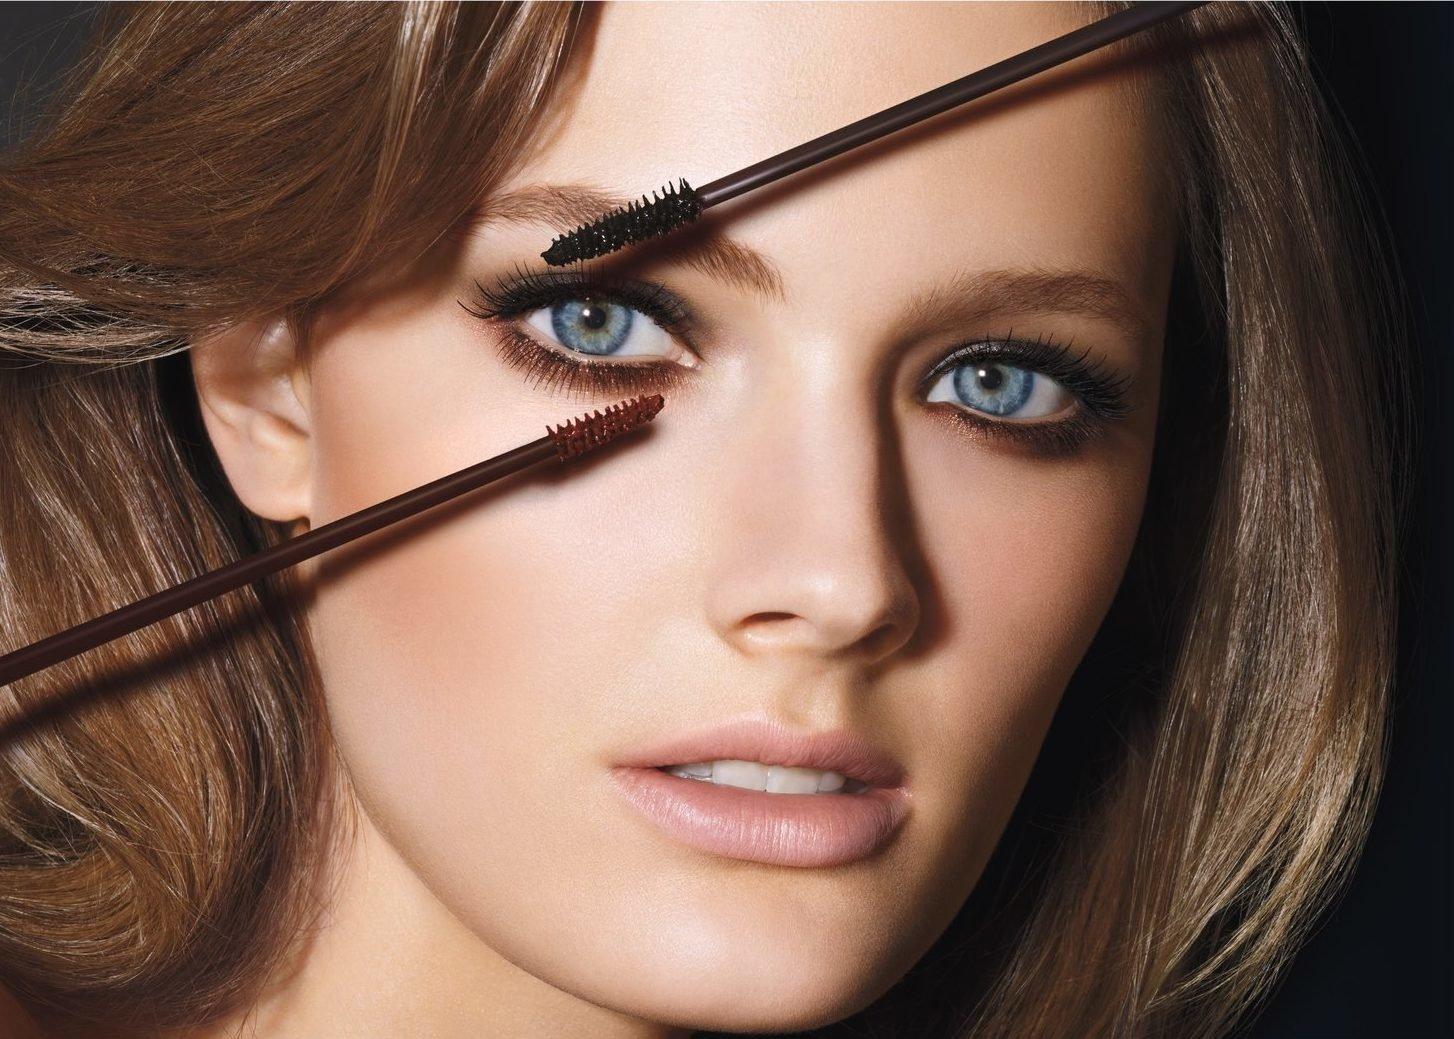 1475473231double-wear-two-tone-model_asia_only_expires_june_2012-e1543843164865 Макияж для голубых глаз (42 фото): красивый повседневный make-up для серо-голубых глаз и русых волос, нежный и яркий, пошаговые инструкции